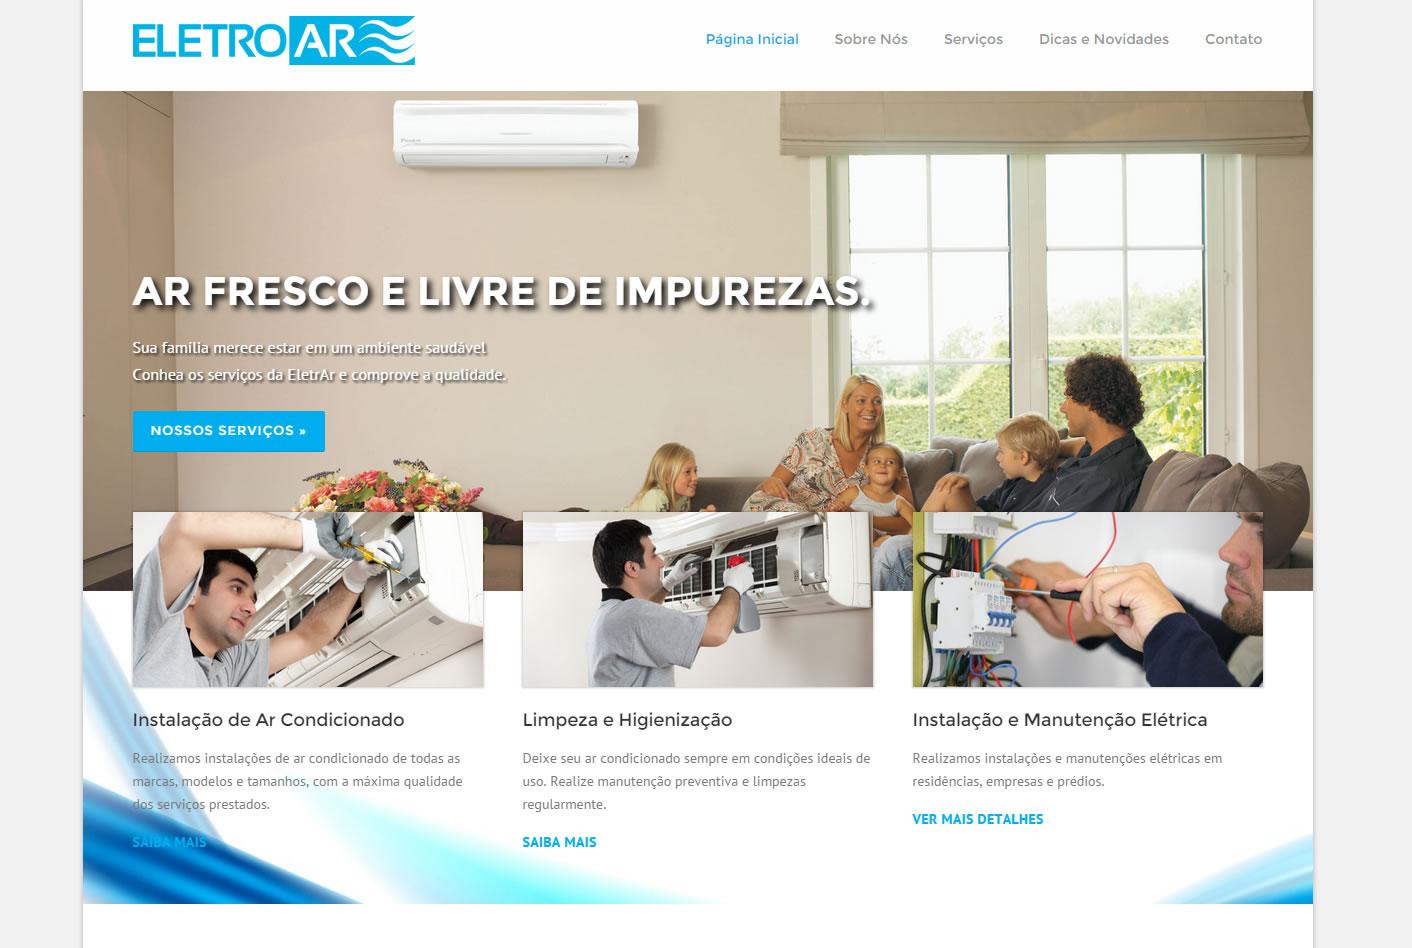 Cliente de criação de sites em Piracicaba - Eletroar